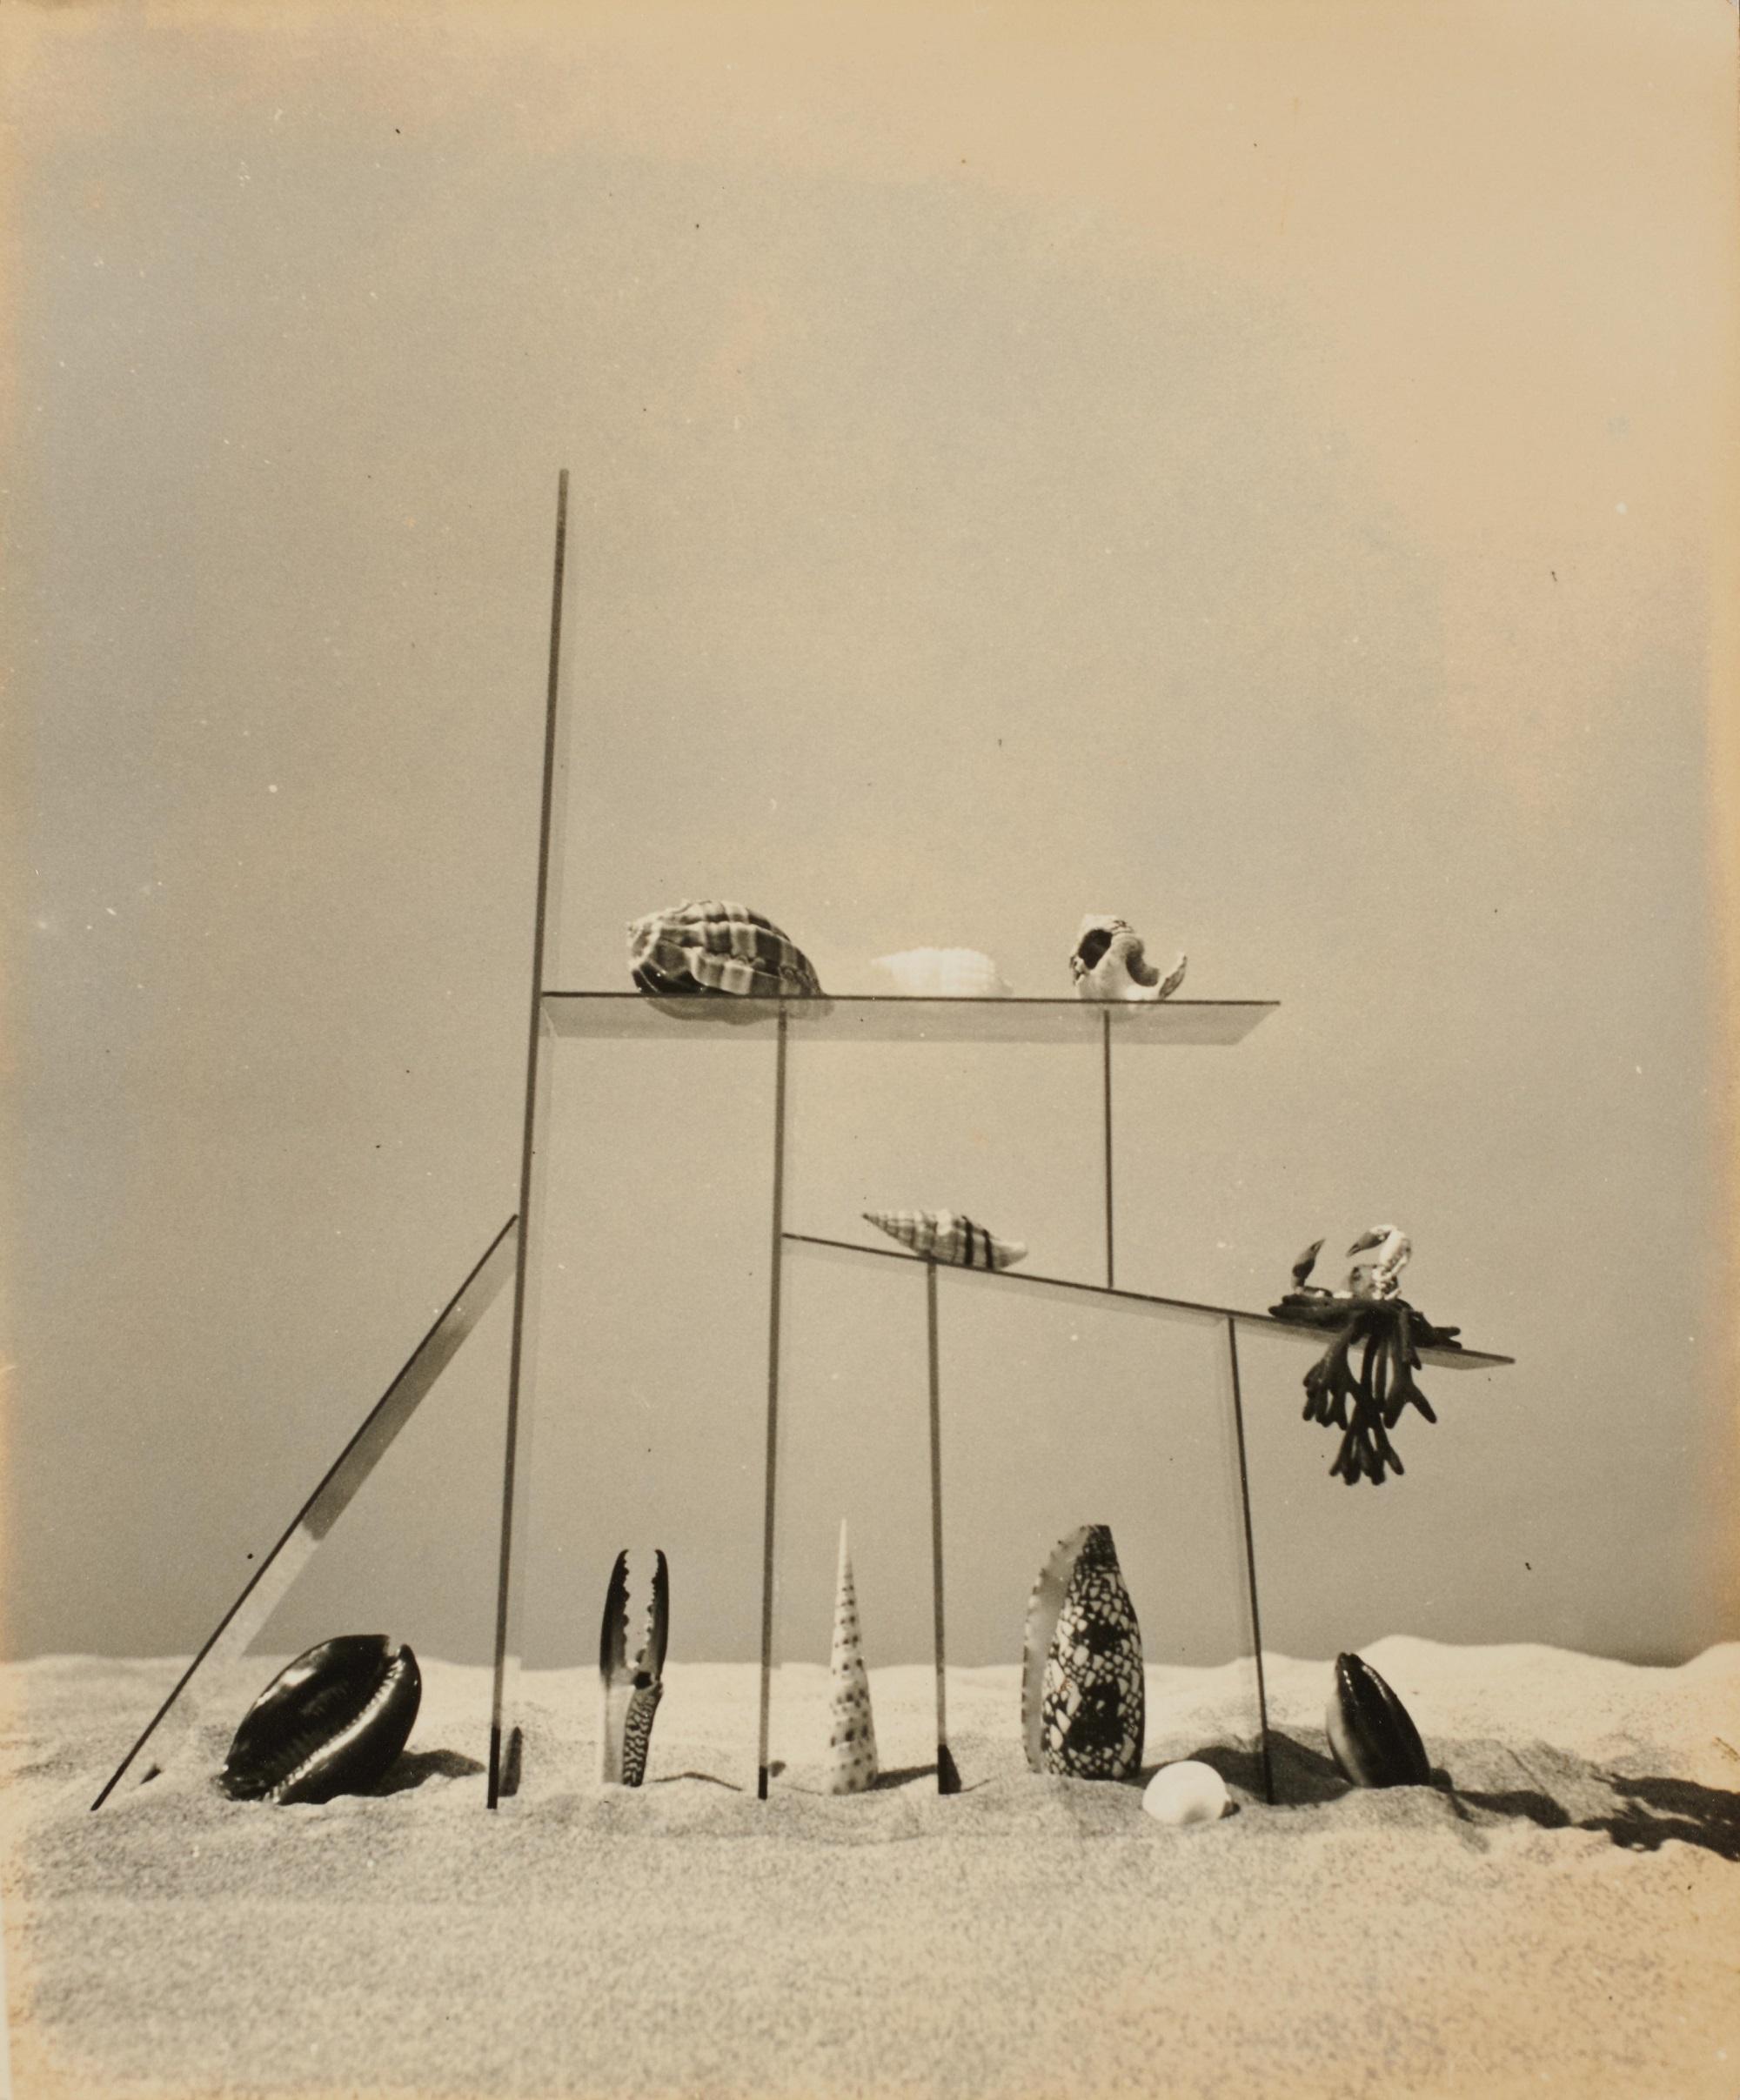 久野久《 海のショーウィンドウ》 1938年 個人蔵